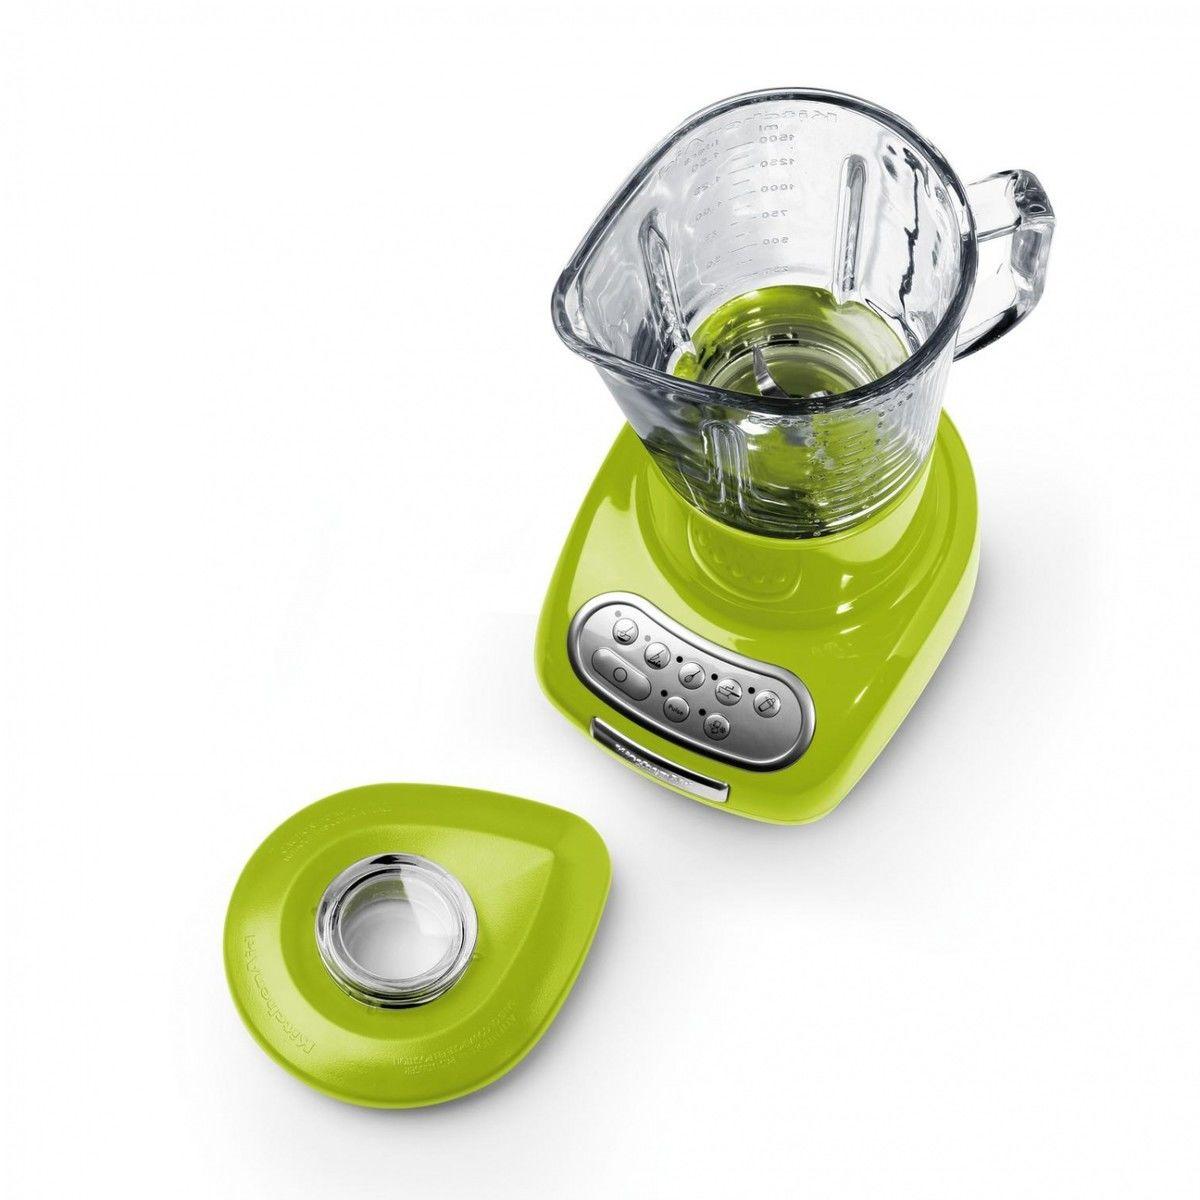 artisan 5ksb5553 blender mixeur kitchenaid. Black Bedroom Furniture Sets. Home Design Ideas